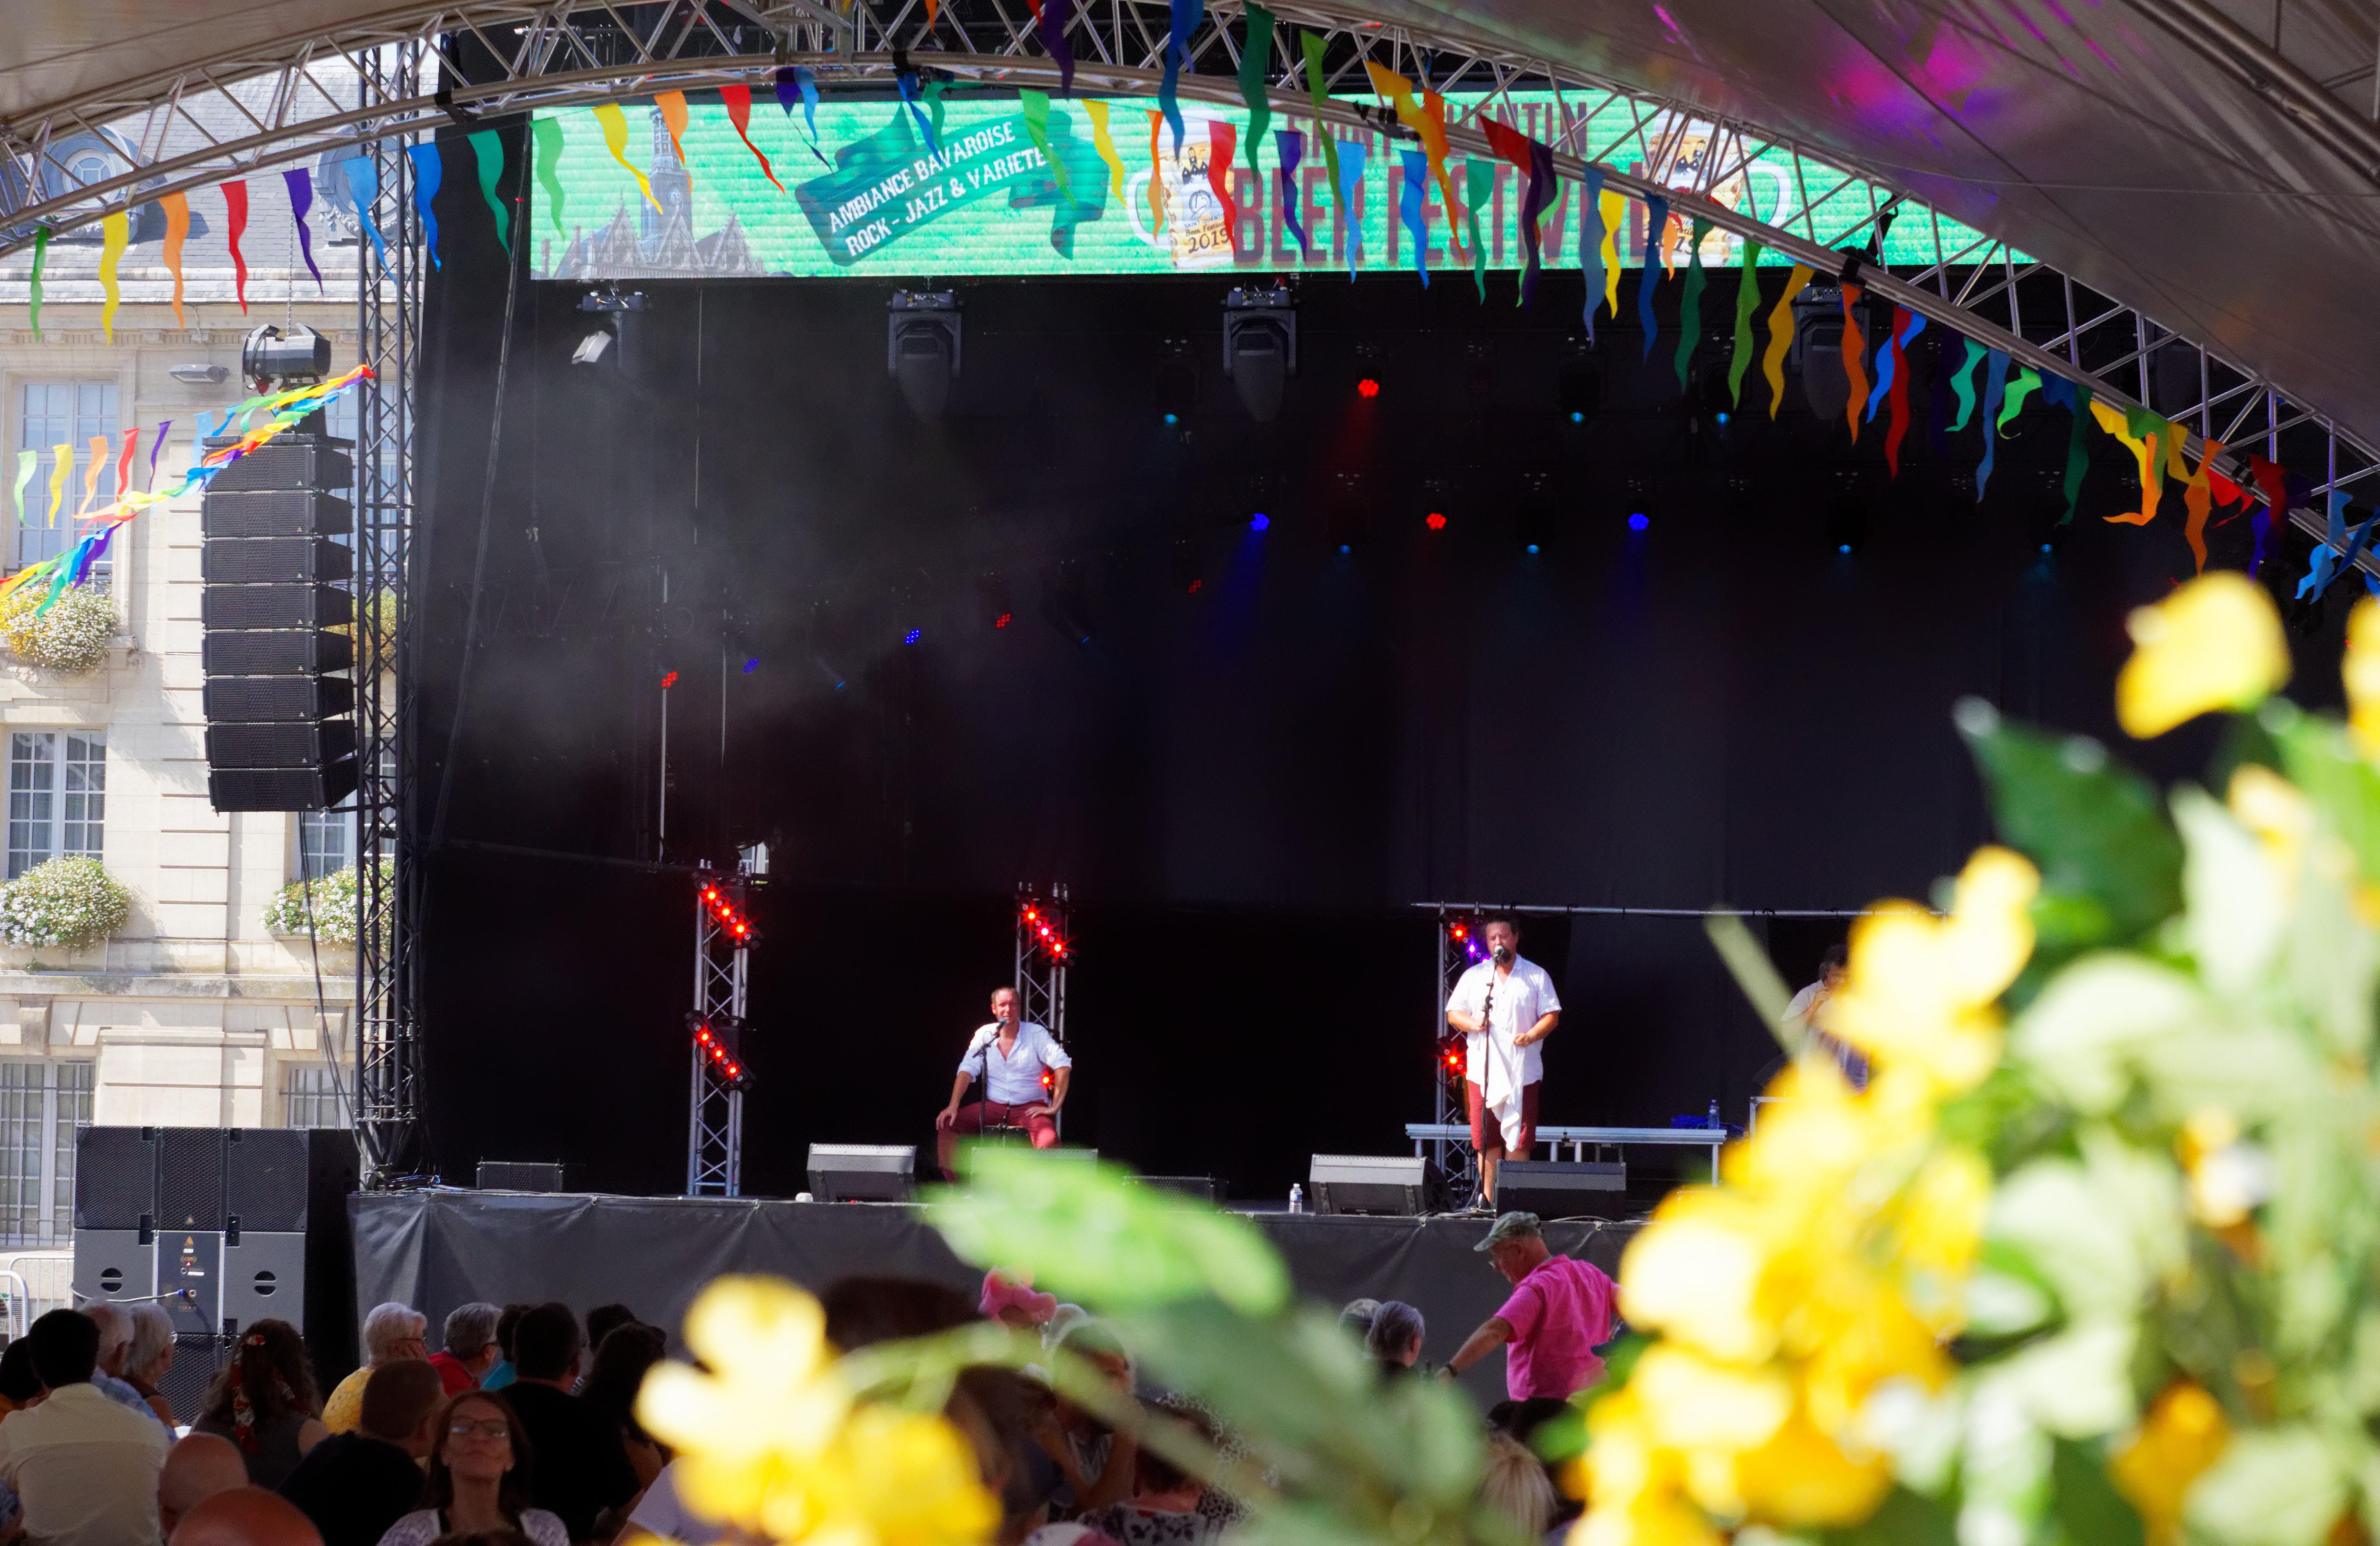 gambes-ed-min-pied-groupe-de-chants-traditionnel-en-picard-chti-et-breton-present-pour-animer-en-partie-le-festival-de-la-biere